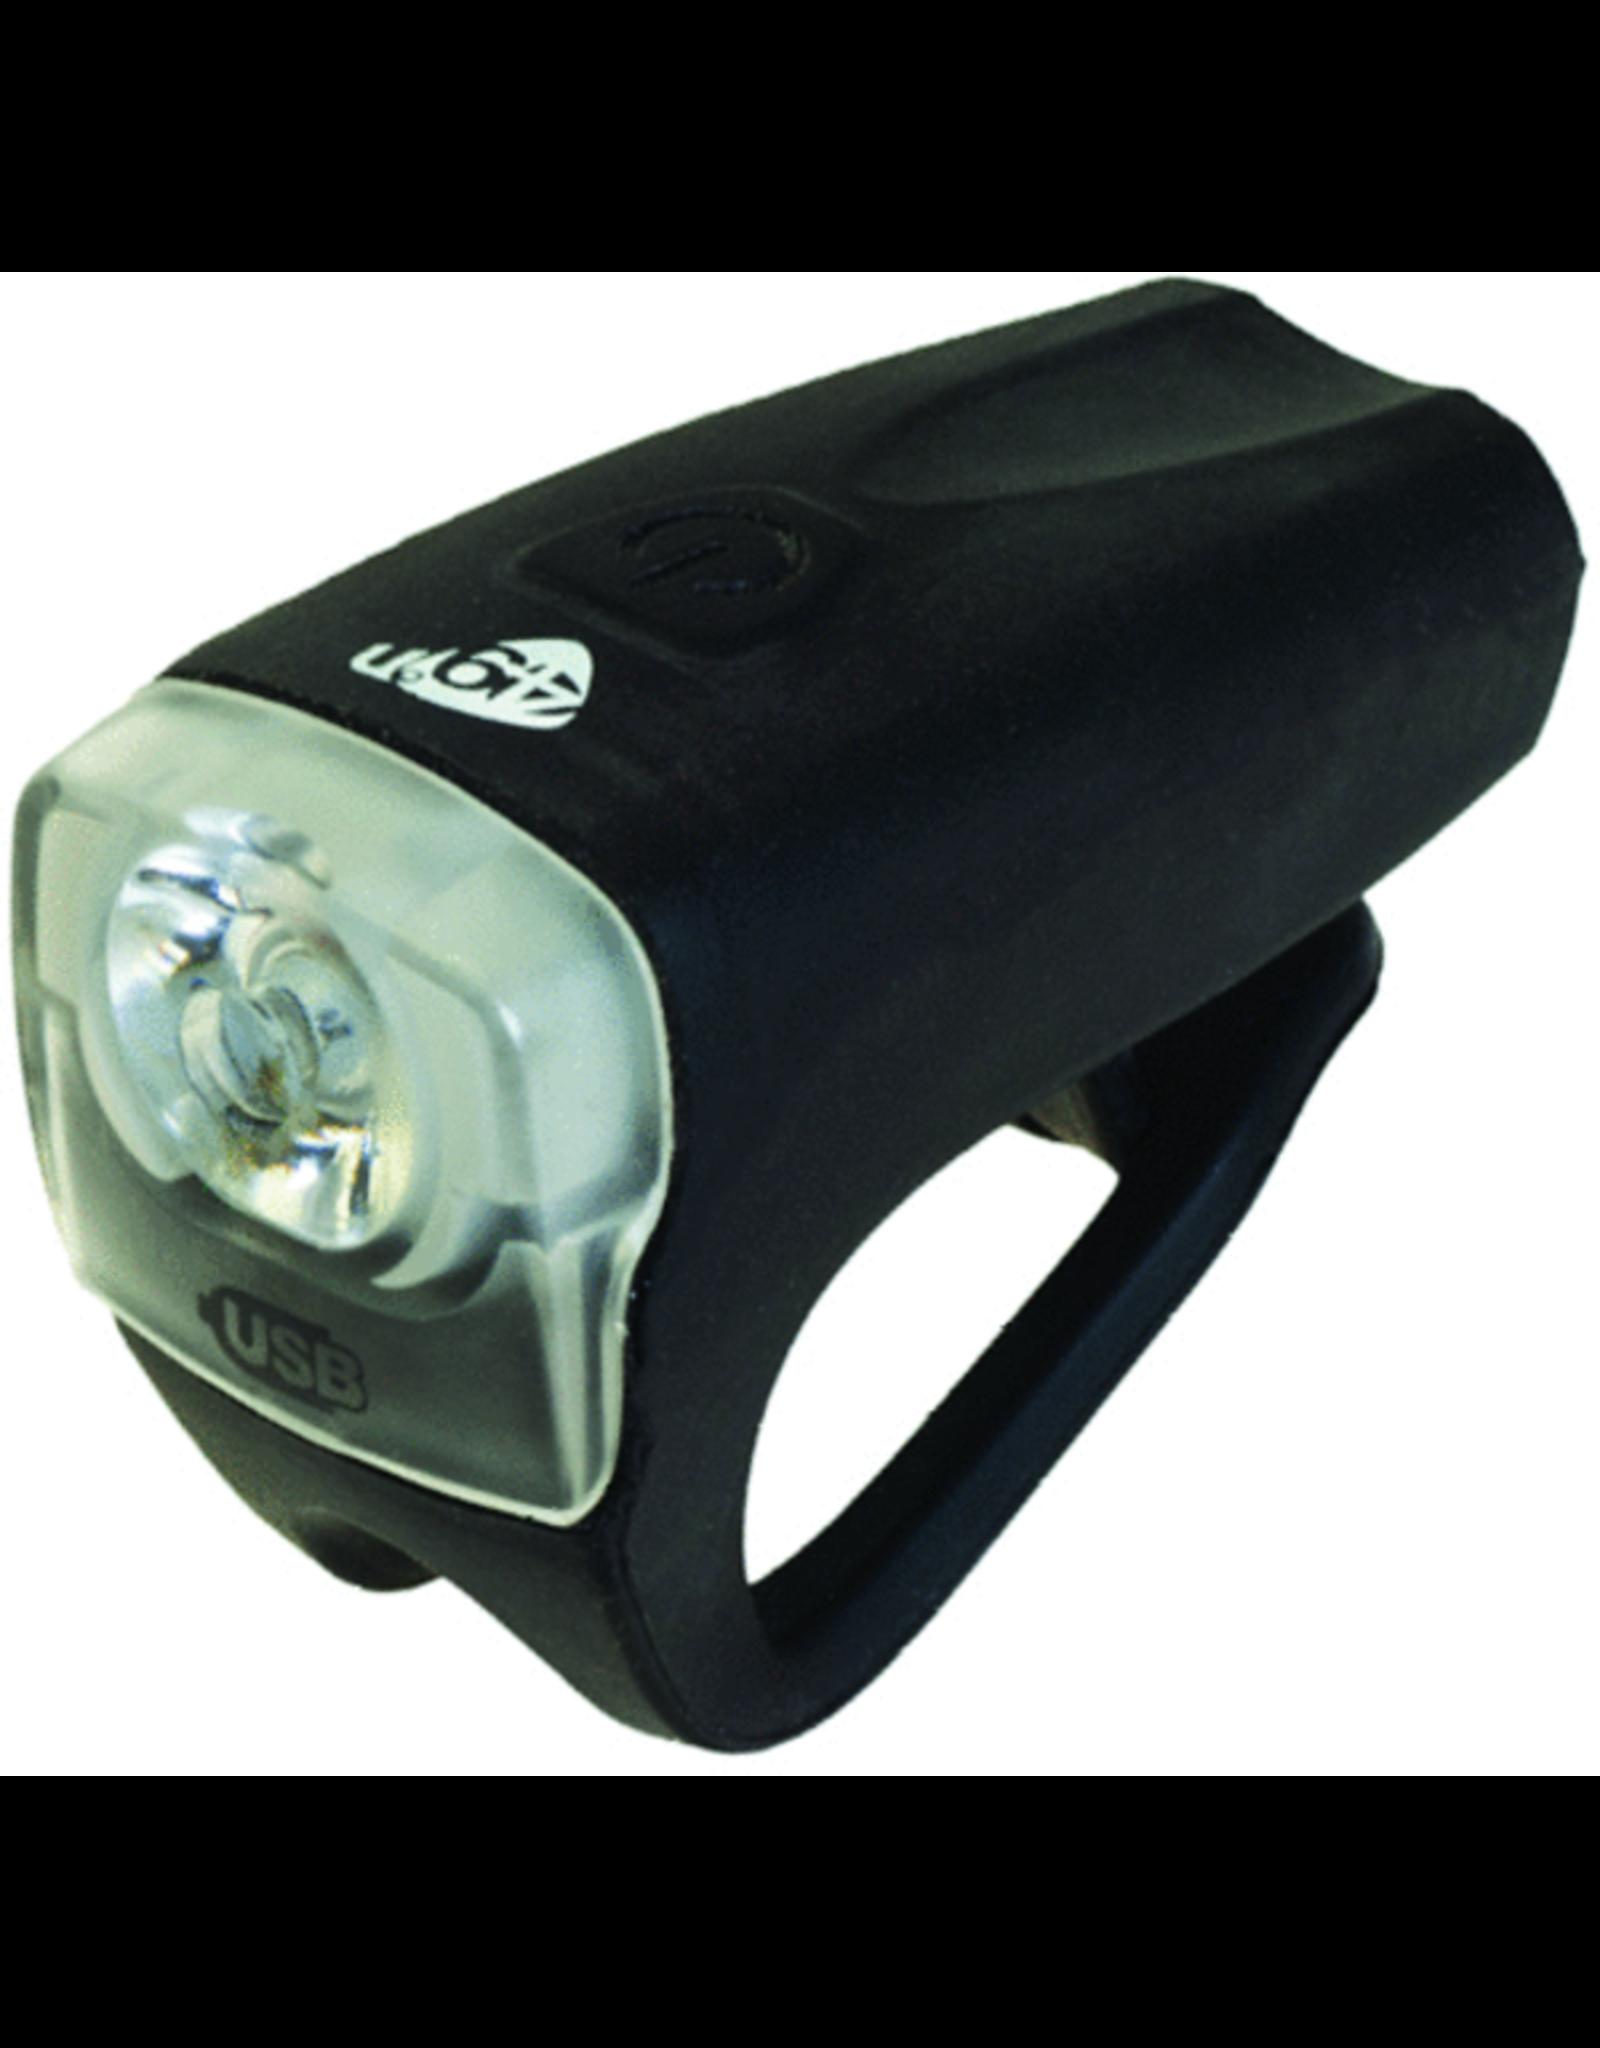 49N LIGHT 49N ULTRA DOPPLER USB FRONT